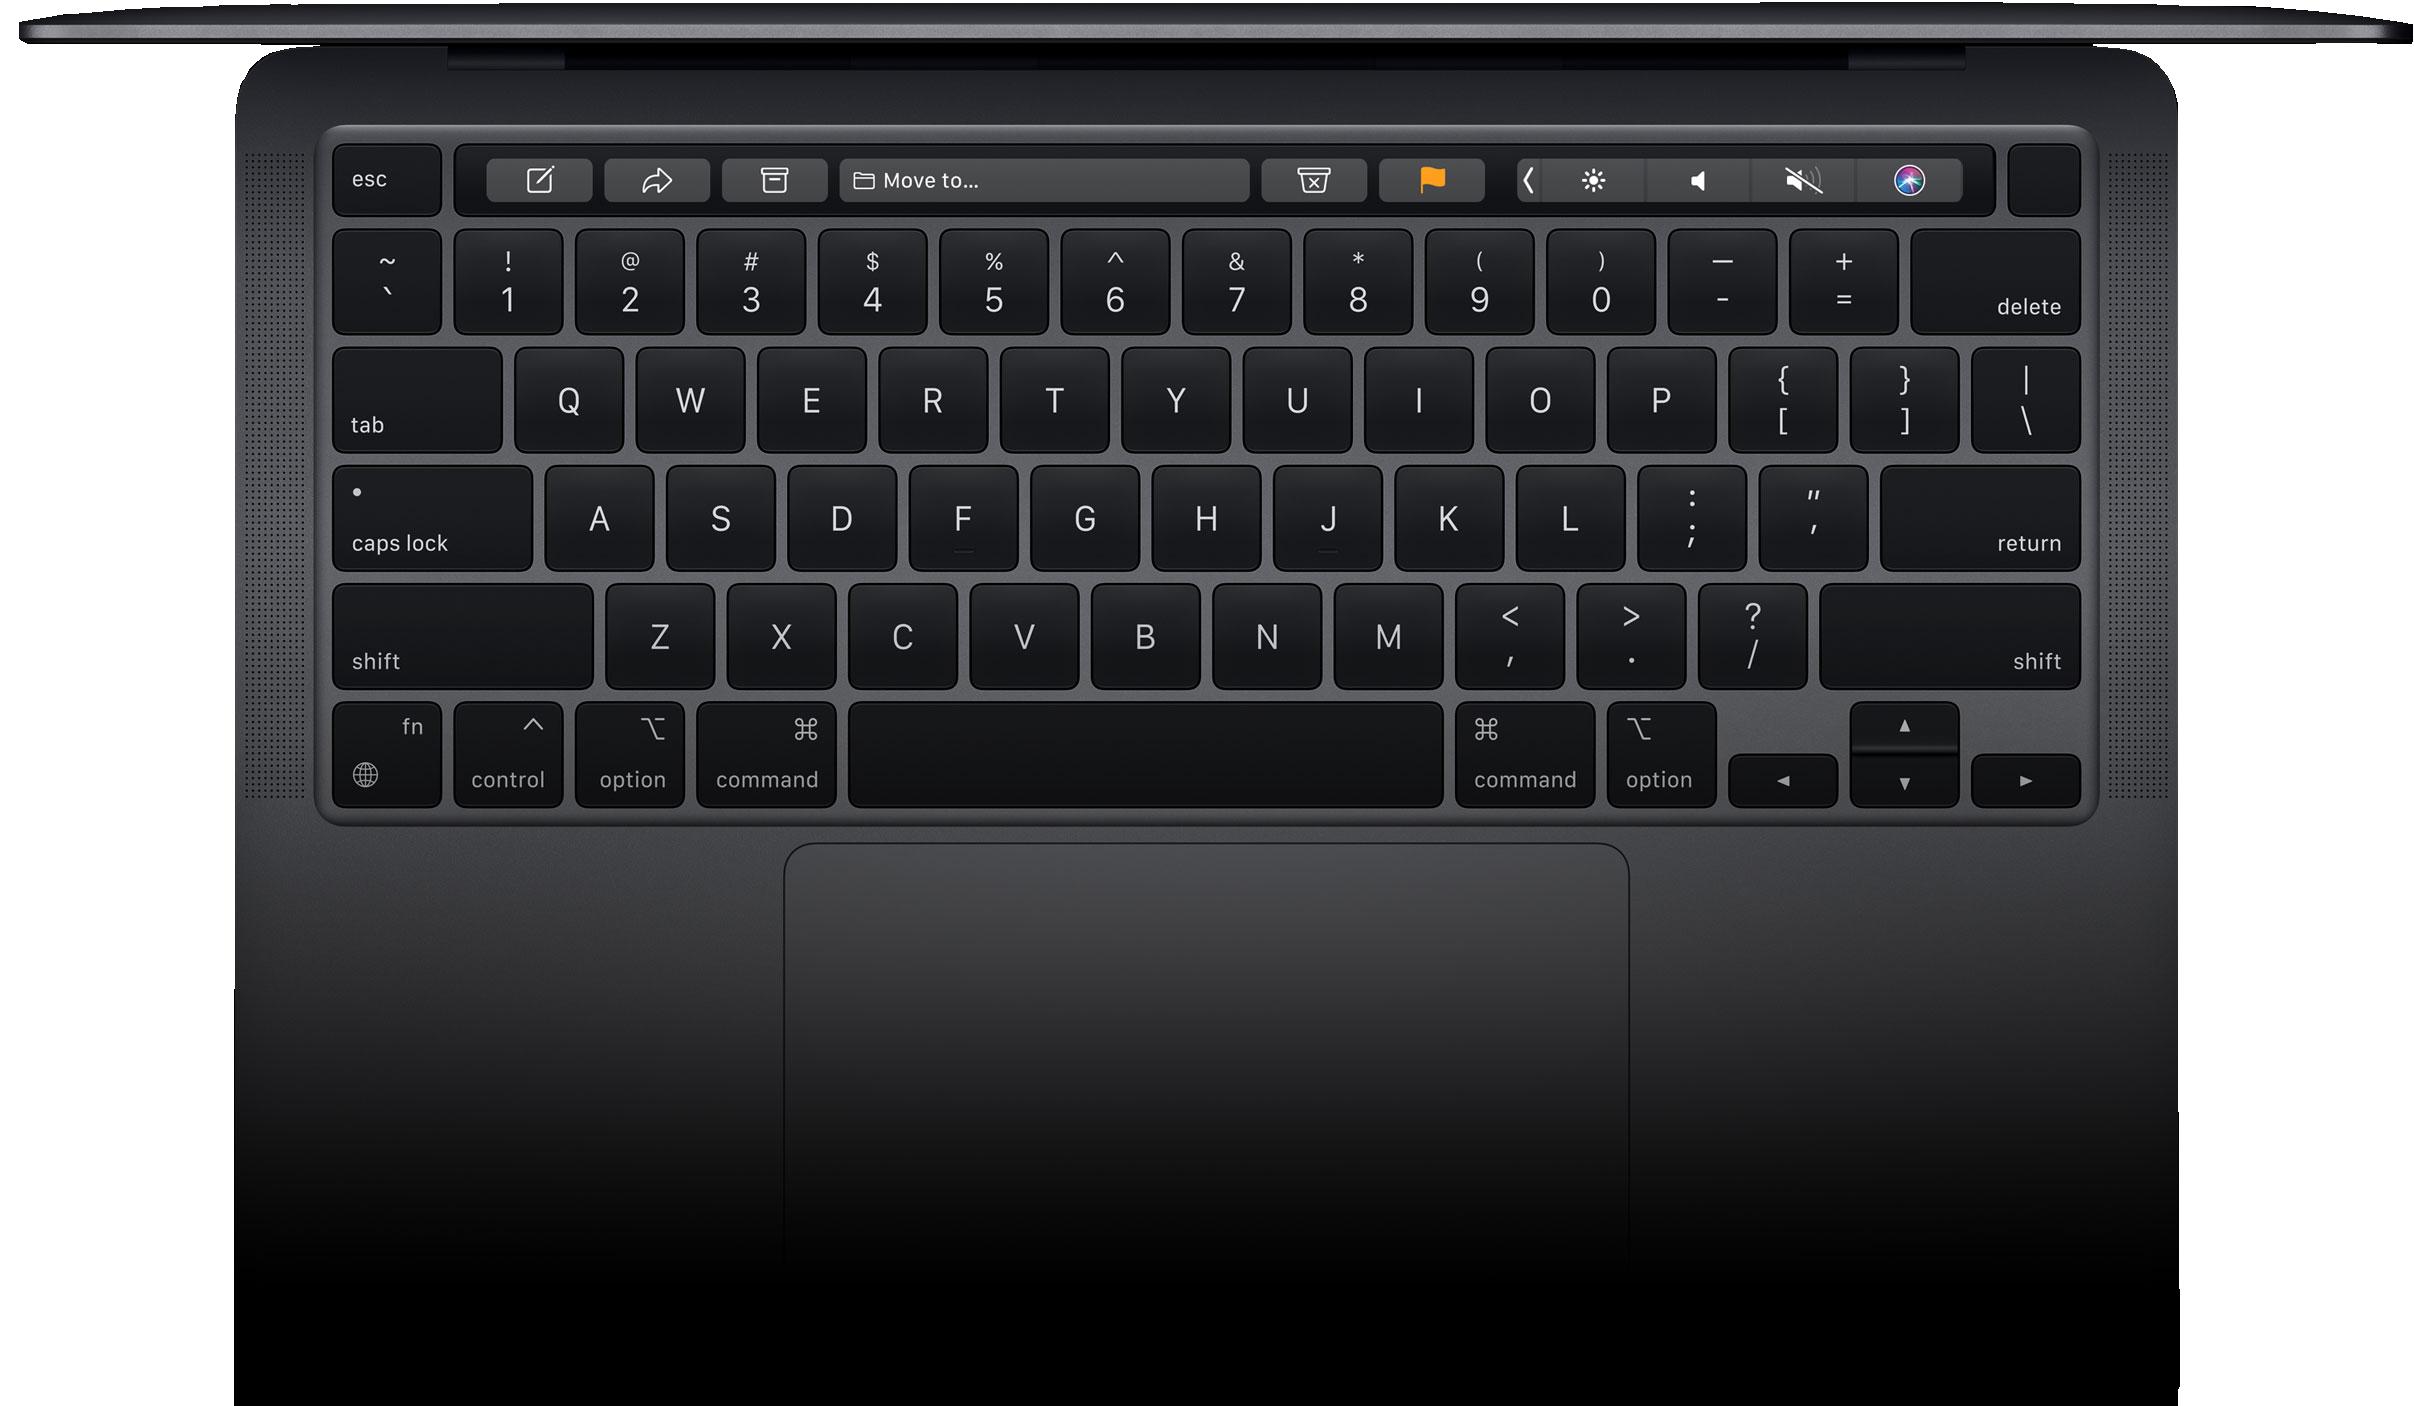 keyboard pro 2020 m1